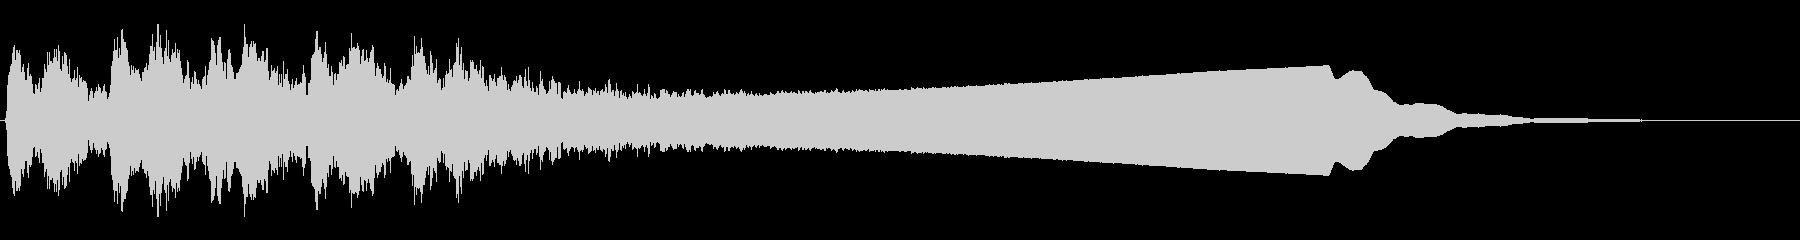 リズミックテンションワイントランジ...の未再生の波形